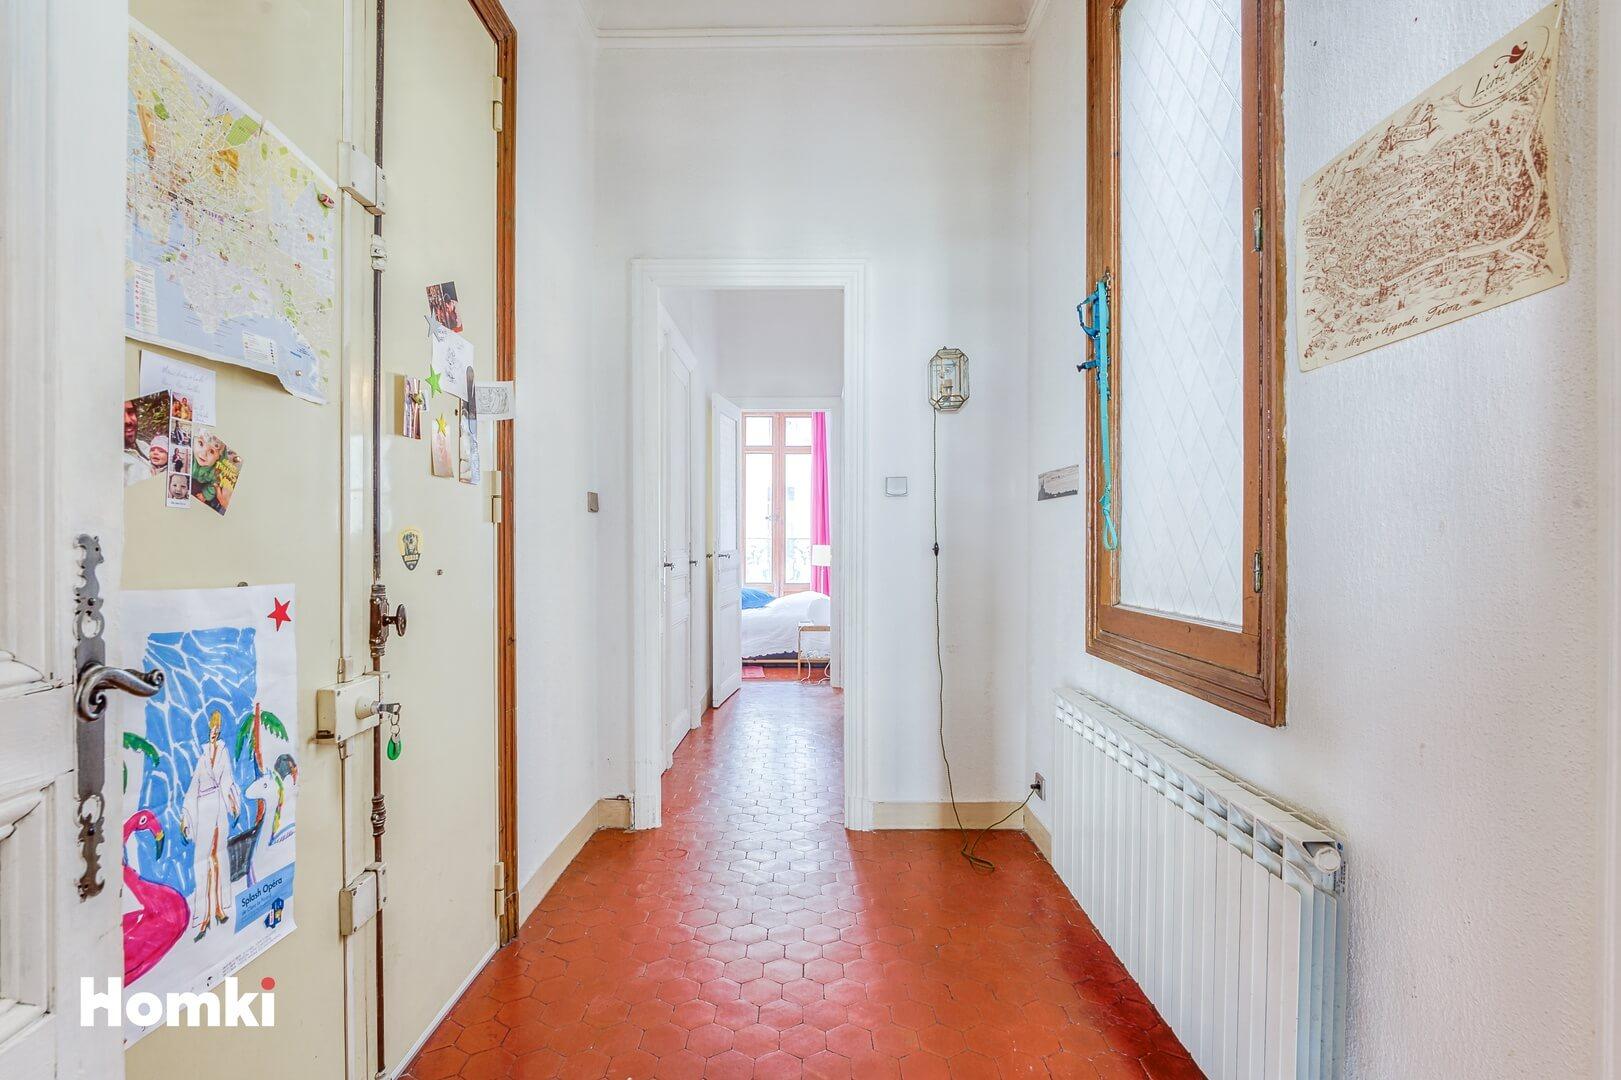 Homki - Vente Appartement  de 77.0 m² à Marseille 13002